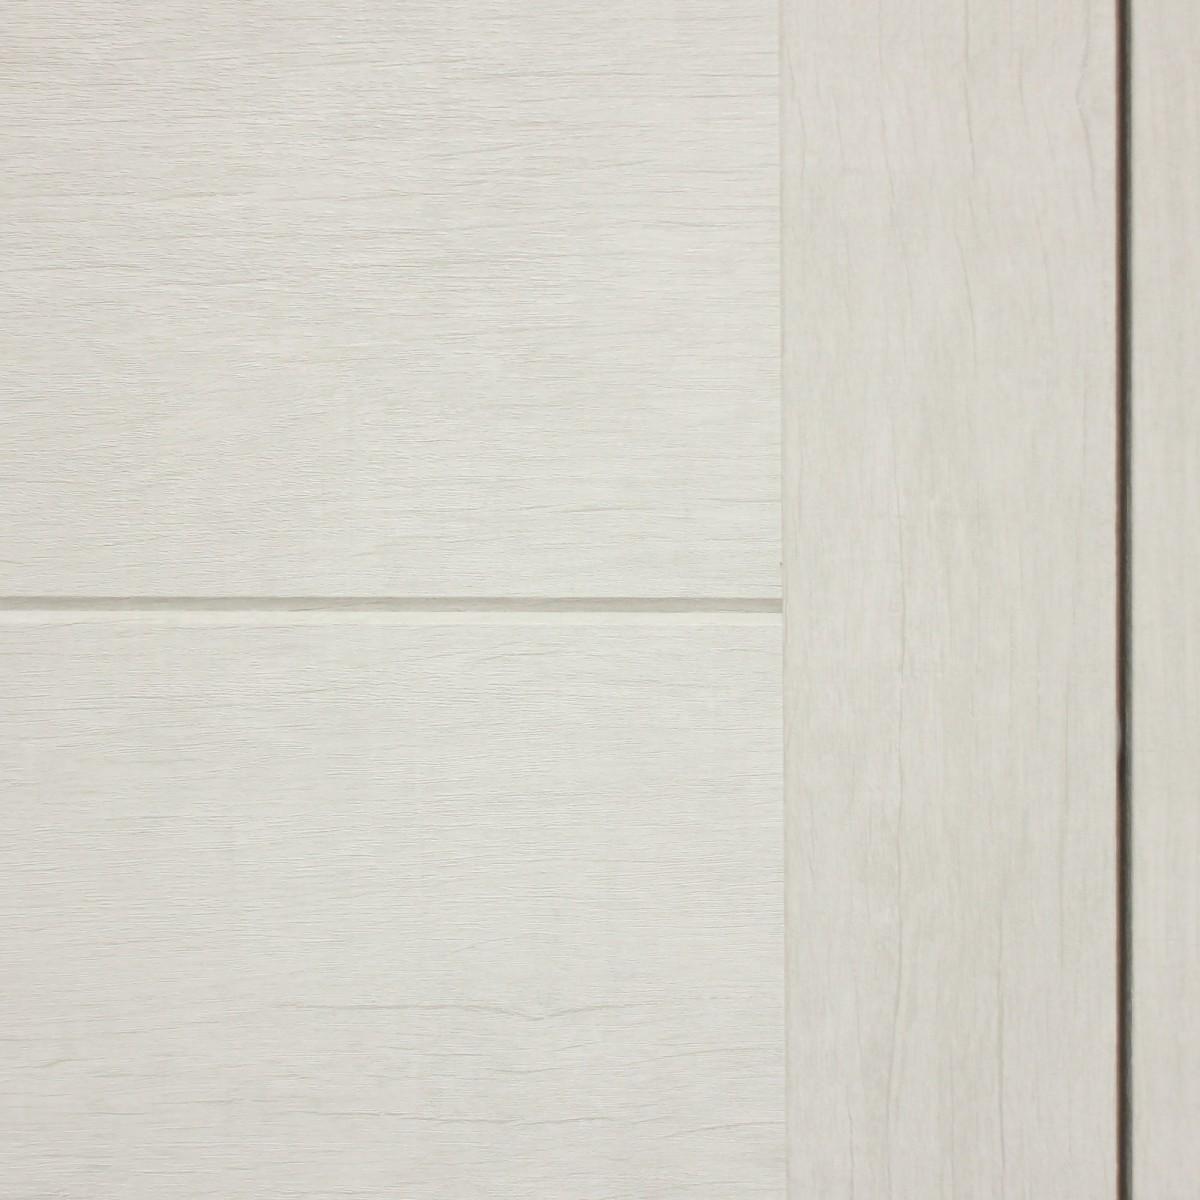 Дверь Межкомнатная Глухая Техно 60x200 Цвет Серый Дуб